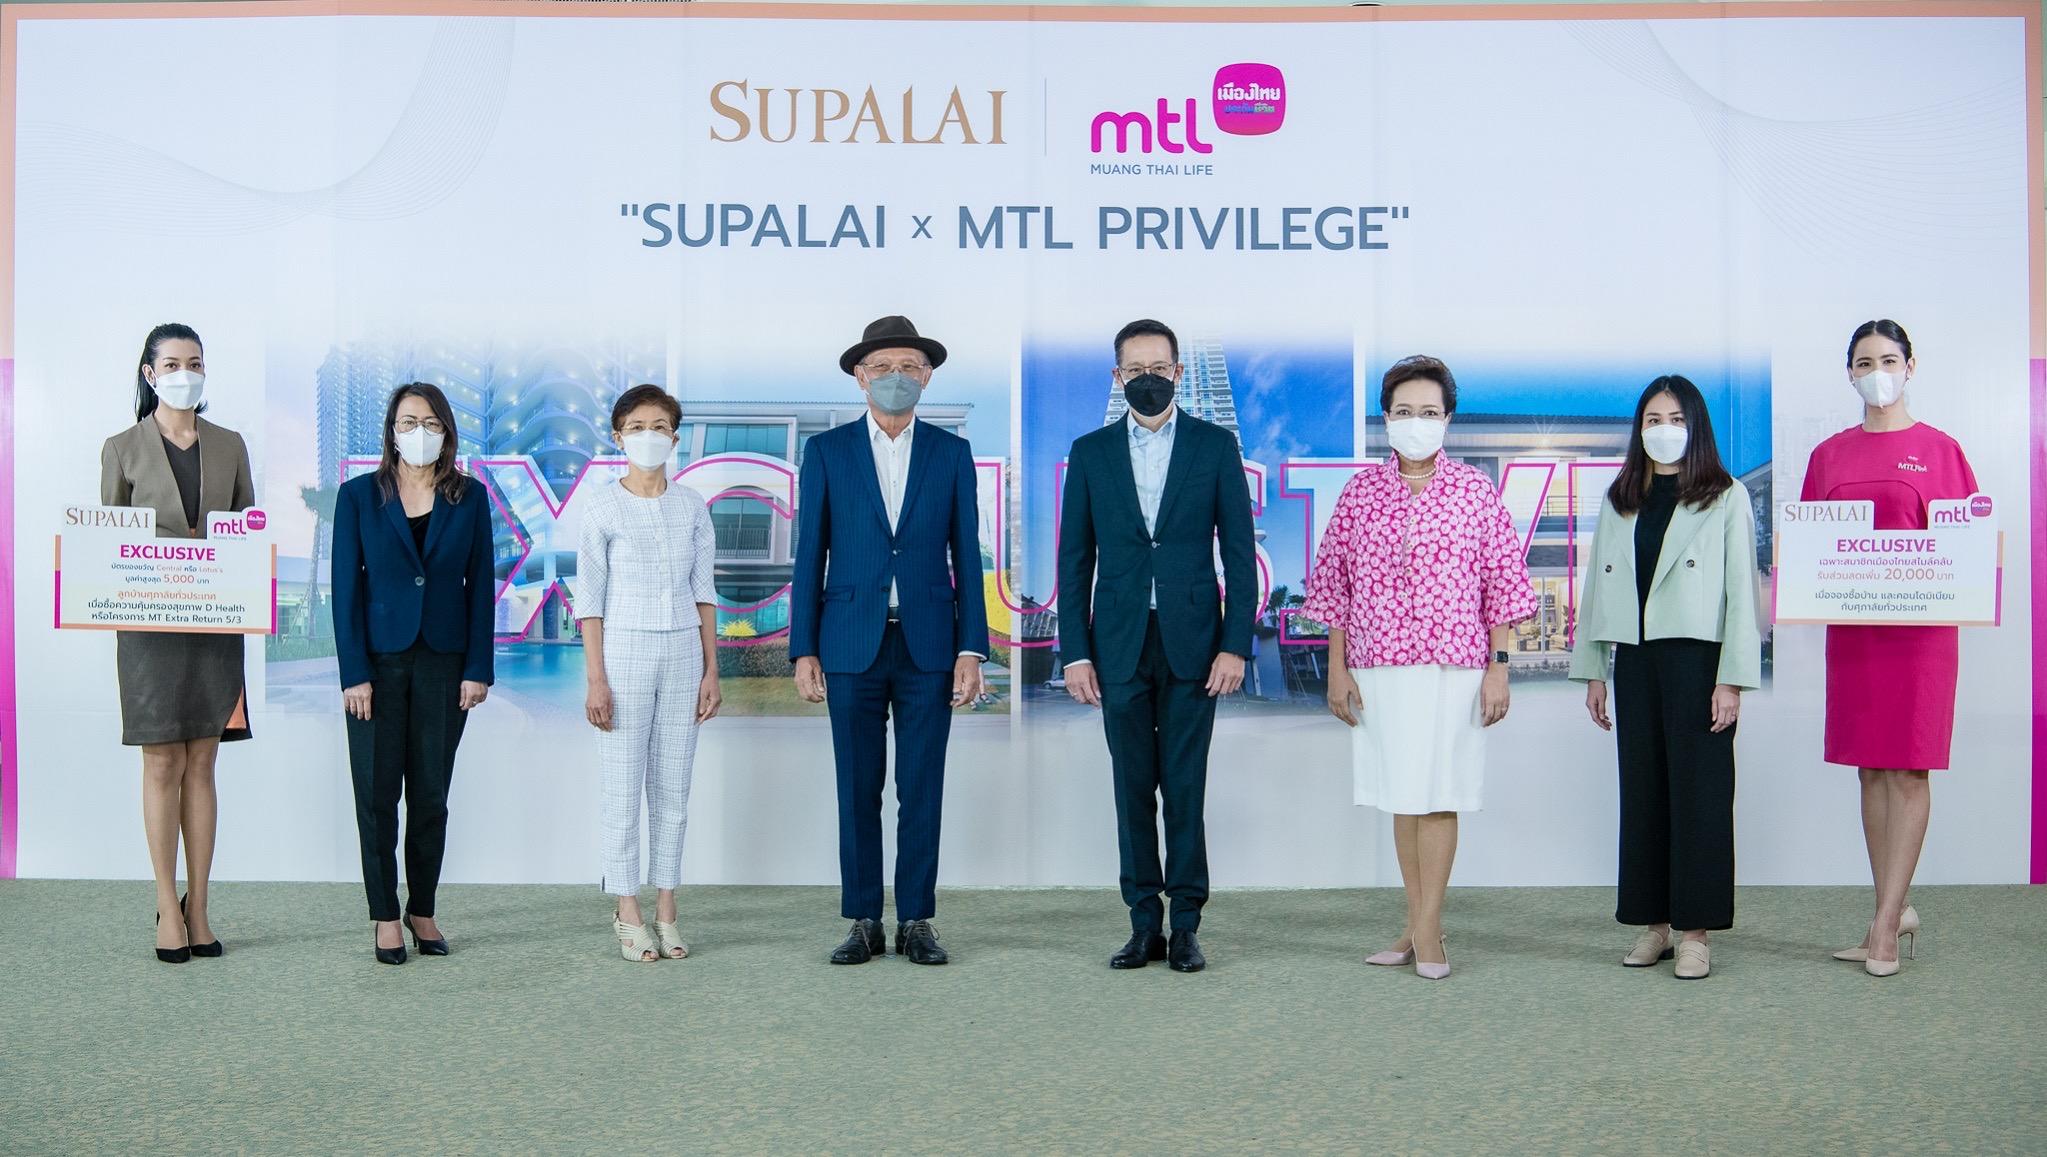 ศุภาลัย X เมืองไทยประกันชีวิต ผนึกกำลังมอบสิทธิพิเศษเฉพาะลูกค้า 2 บริษัท  ผ่านแคมเปญ Supalai X MTL Privilege